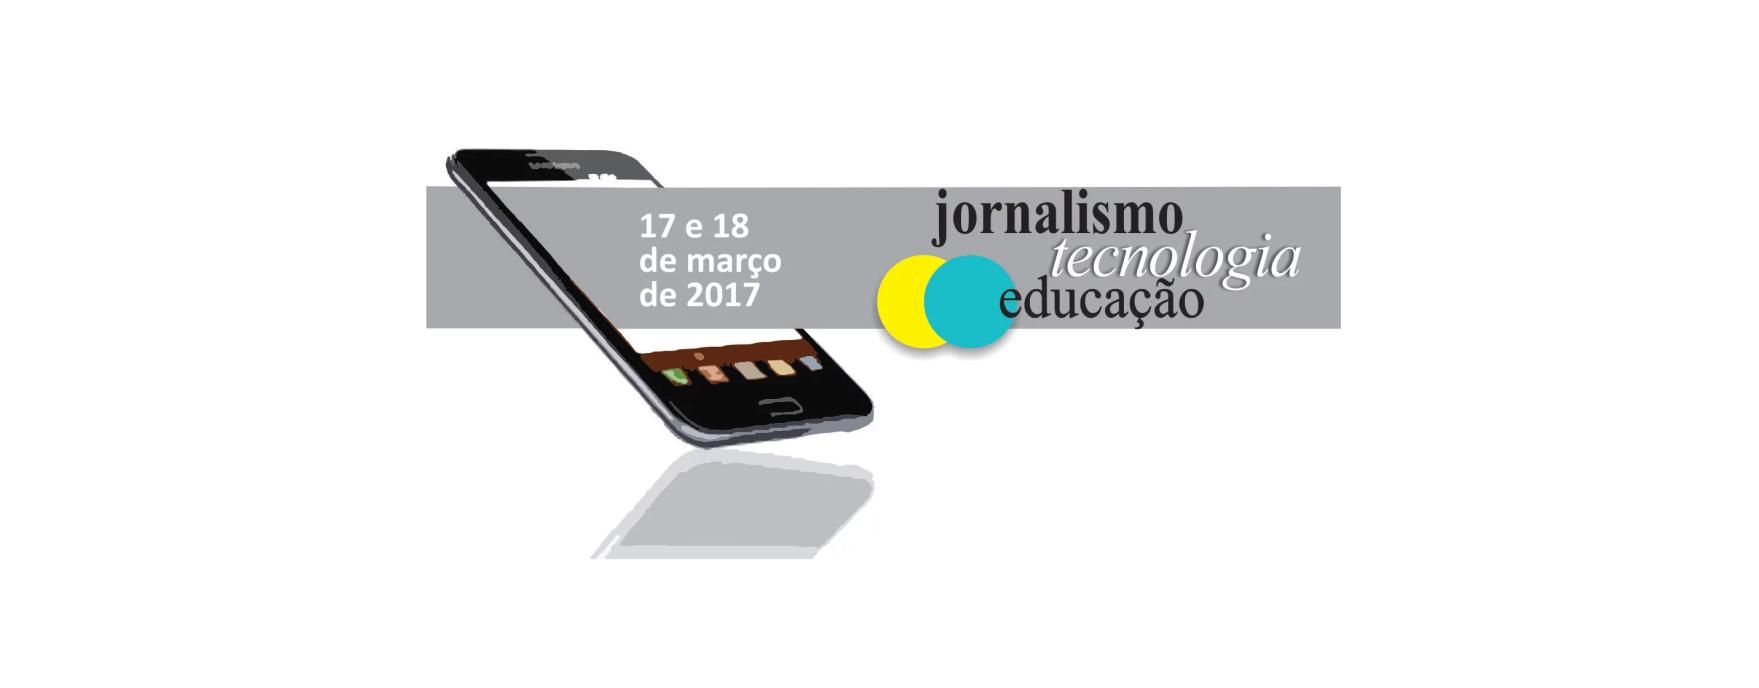 Jornalismo tecnologia e educação